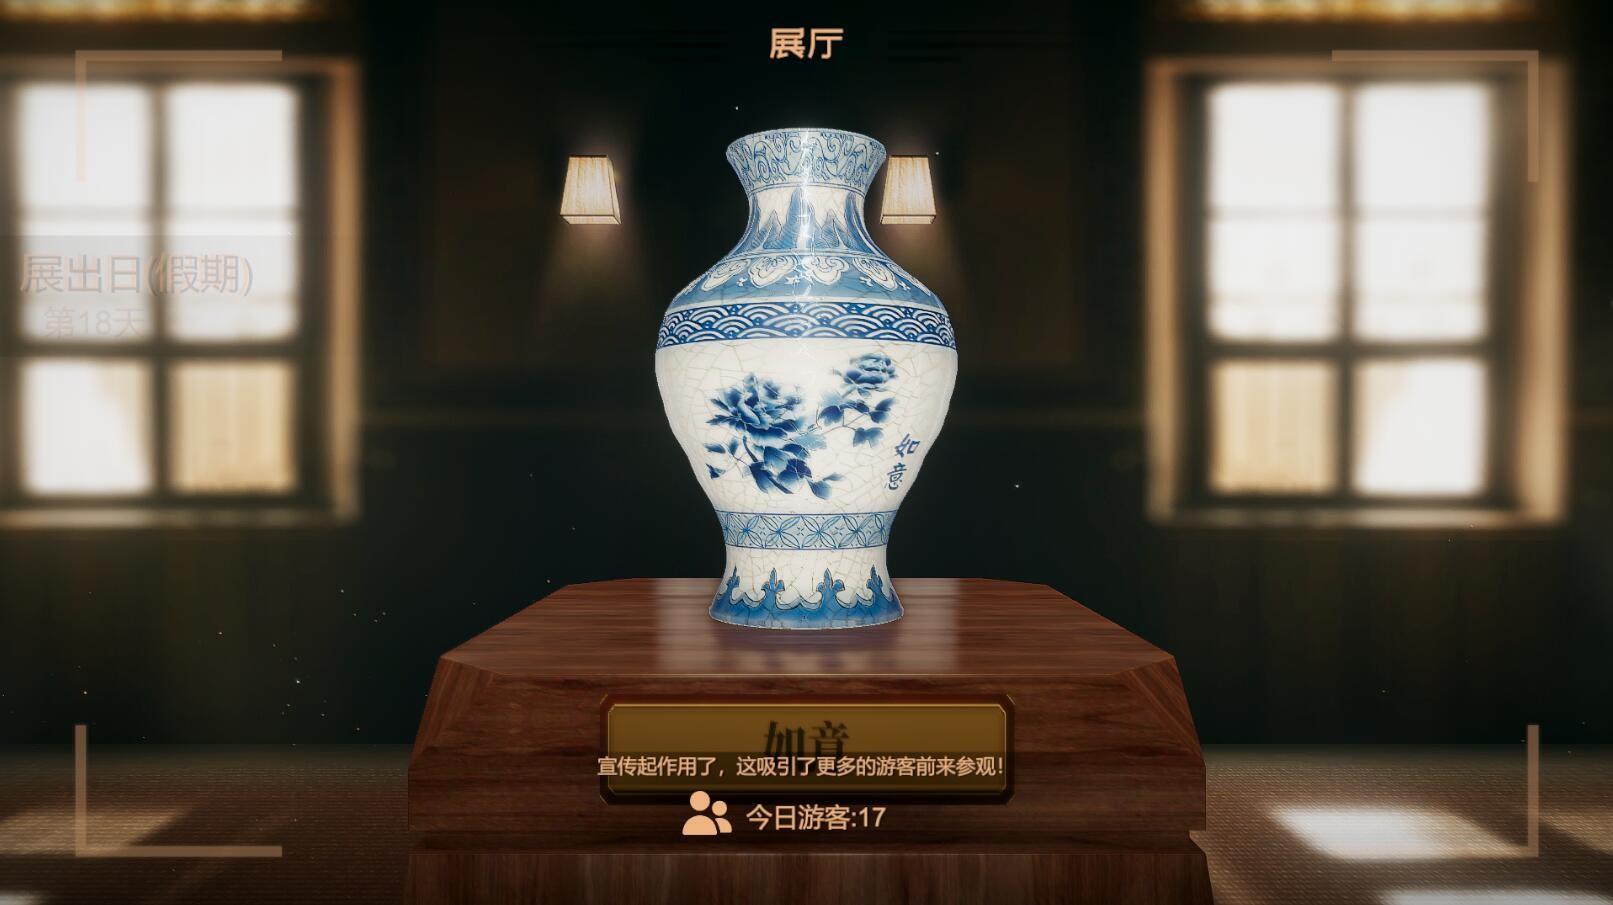 陶艺大师 v0.98a|OST|休闲模拟|容量1.5GB|中文免安装|支持键盘.鼠标-开心电玩屋